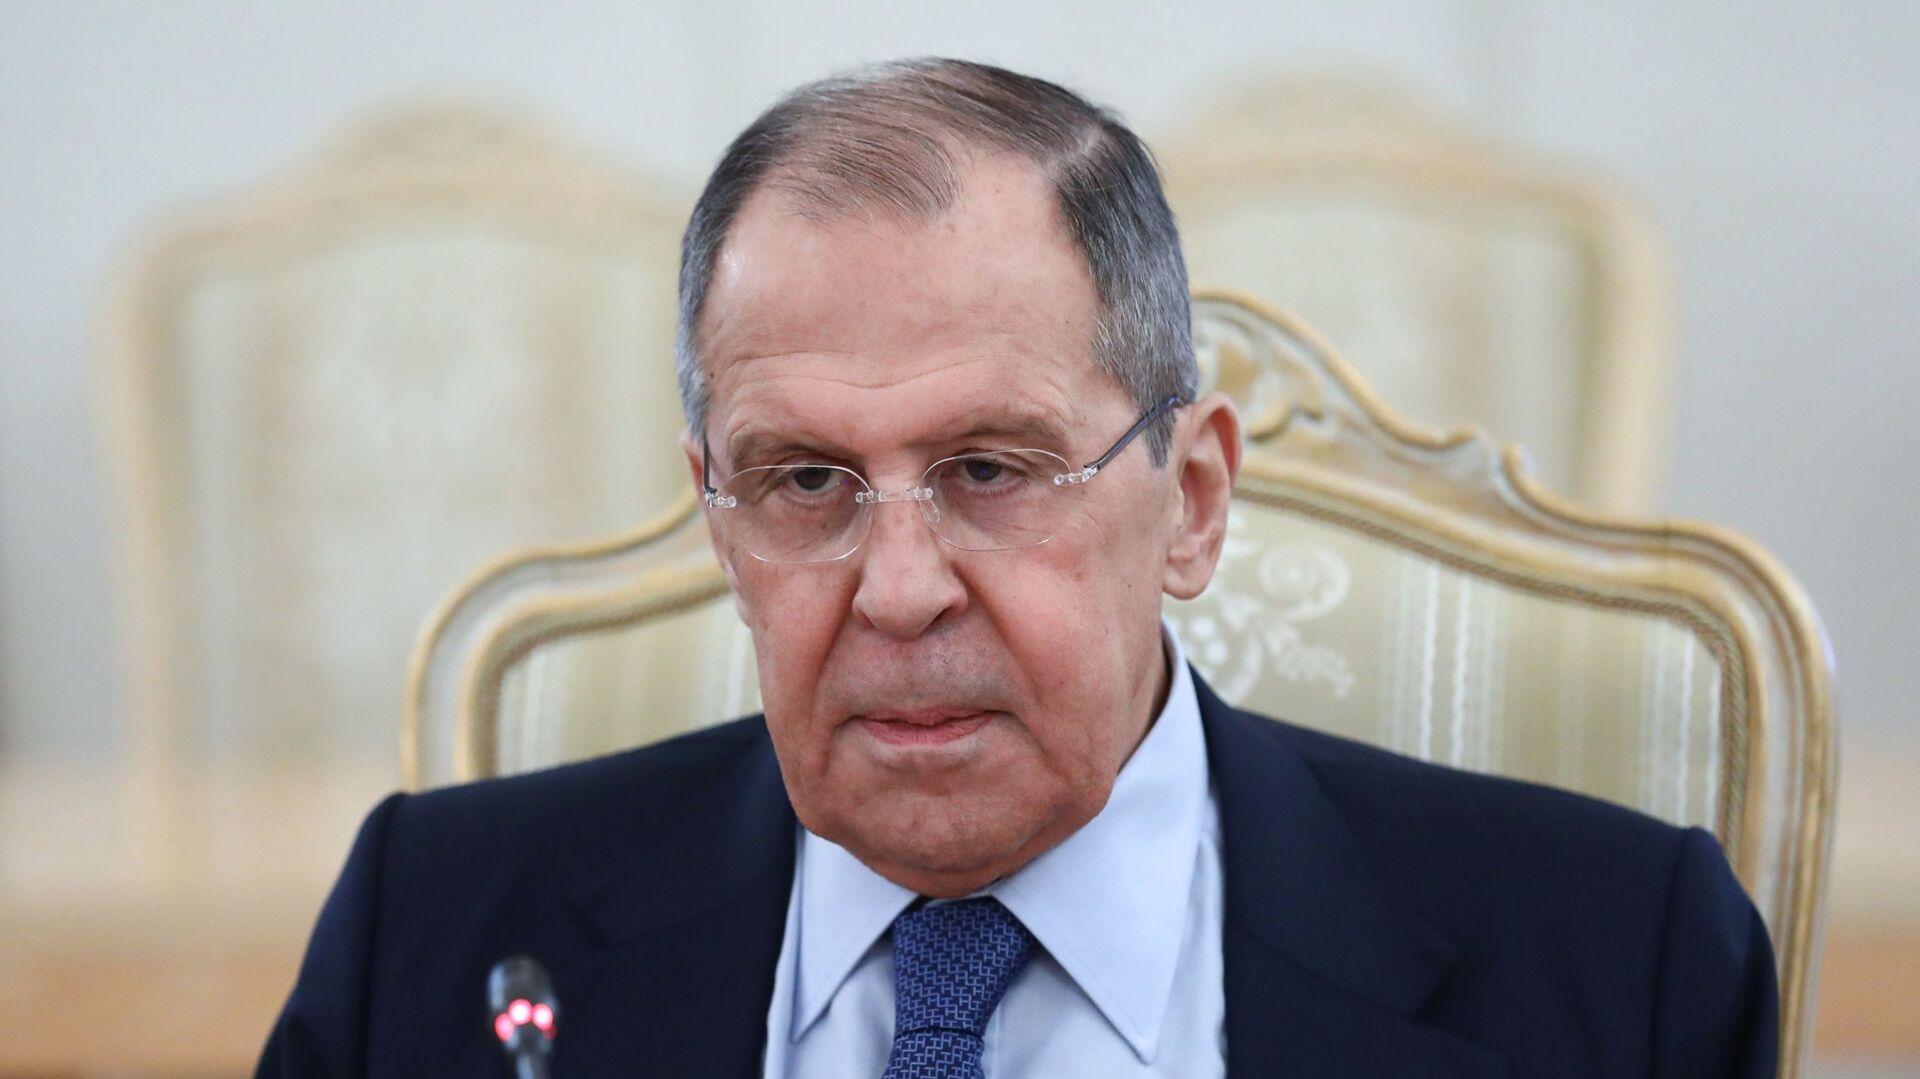 Sergey Lavrov, ministro degli Esteri russo - Sputnik Italia, 1920, 09.07.2021